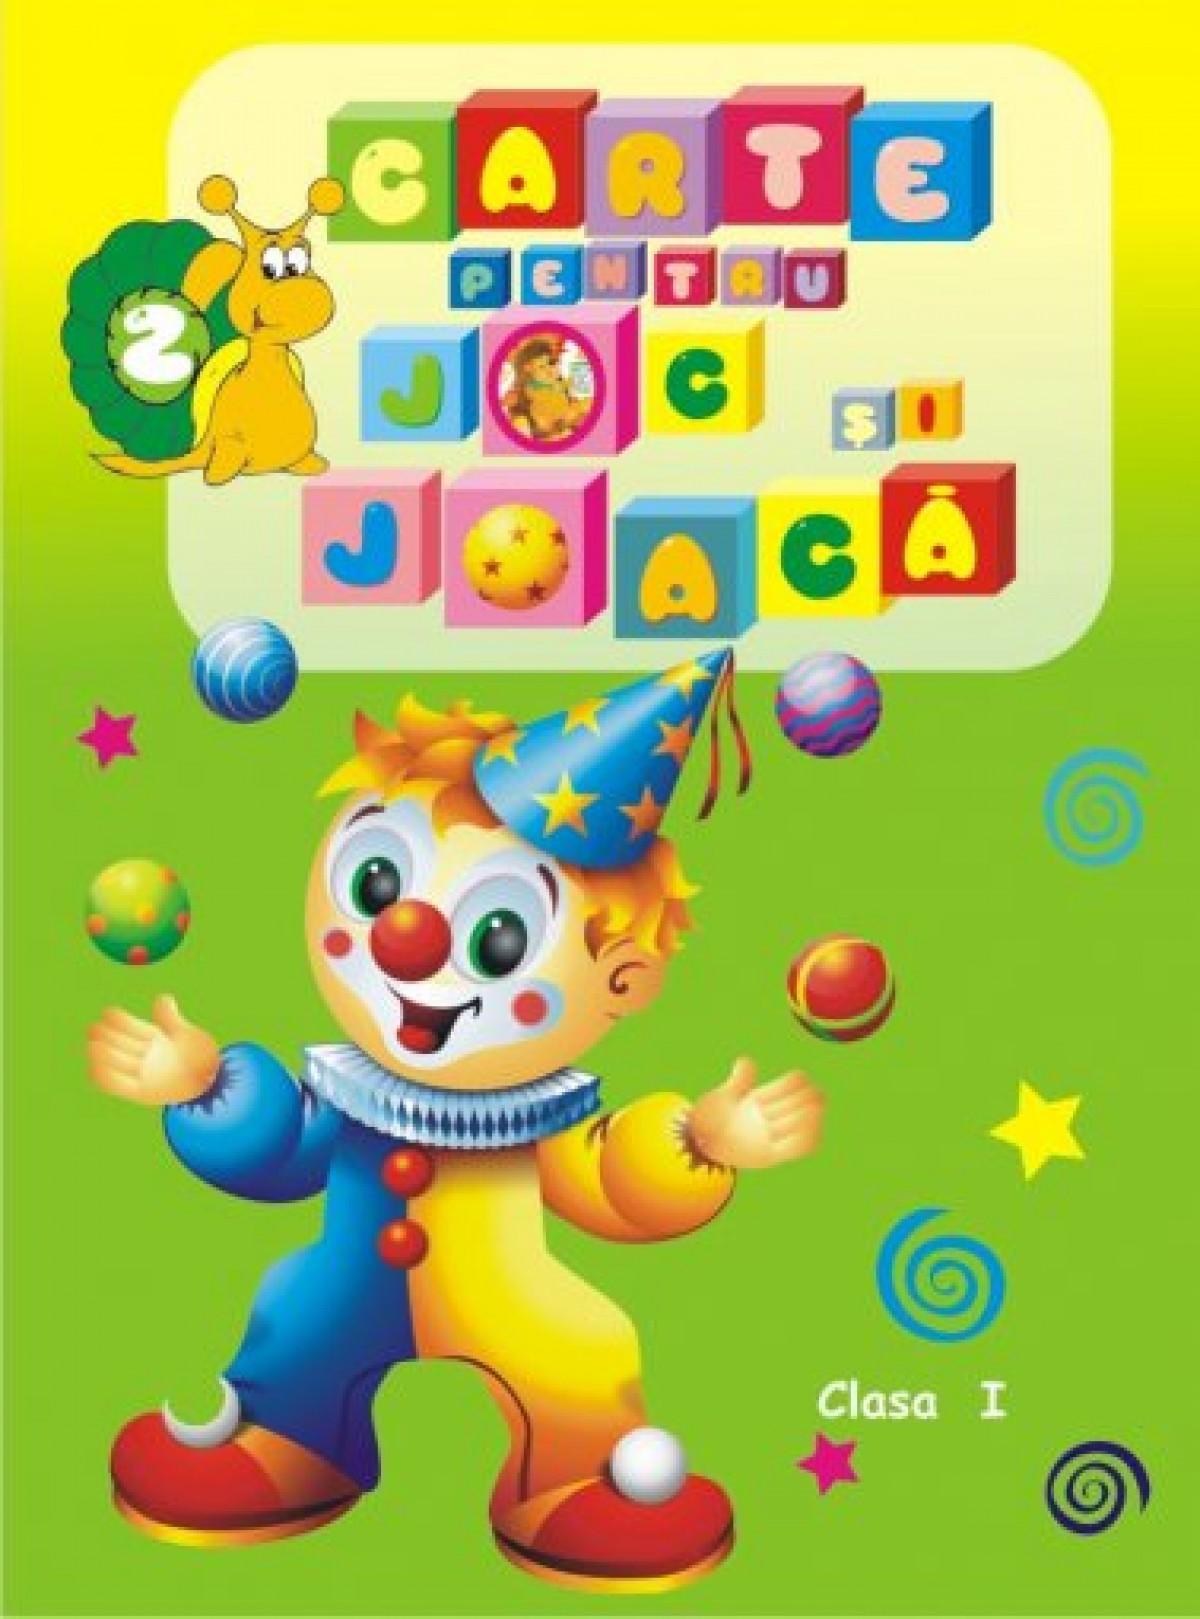 Carte pentru joc si joaca, vol. II